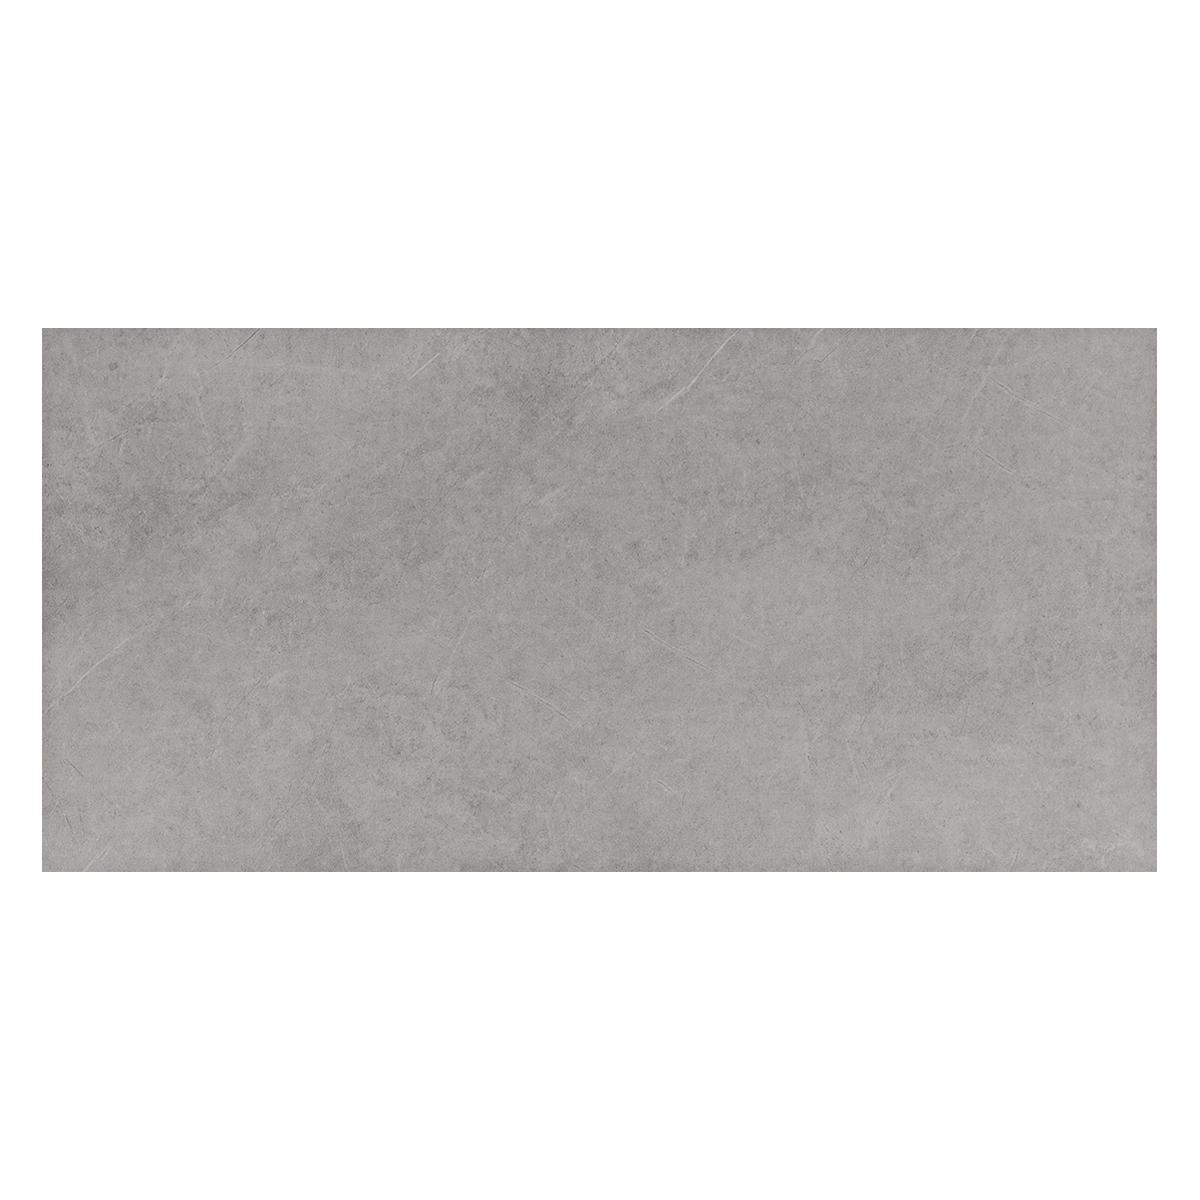 Porcelanato Anecy Gris Mate - 45X90 cm - 1.21 m2